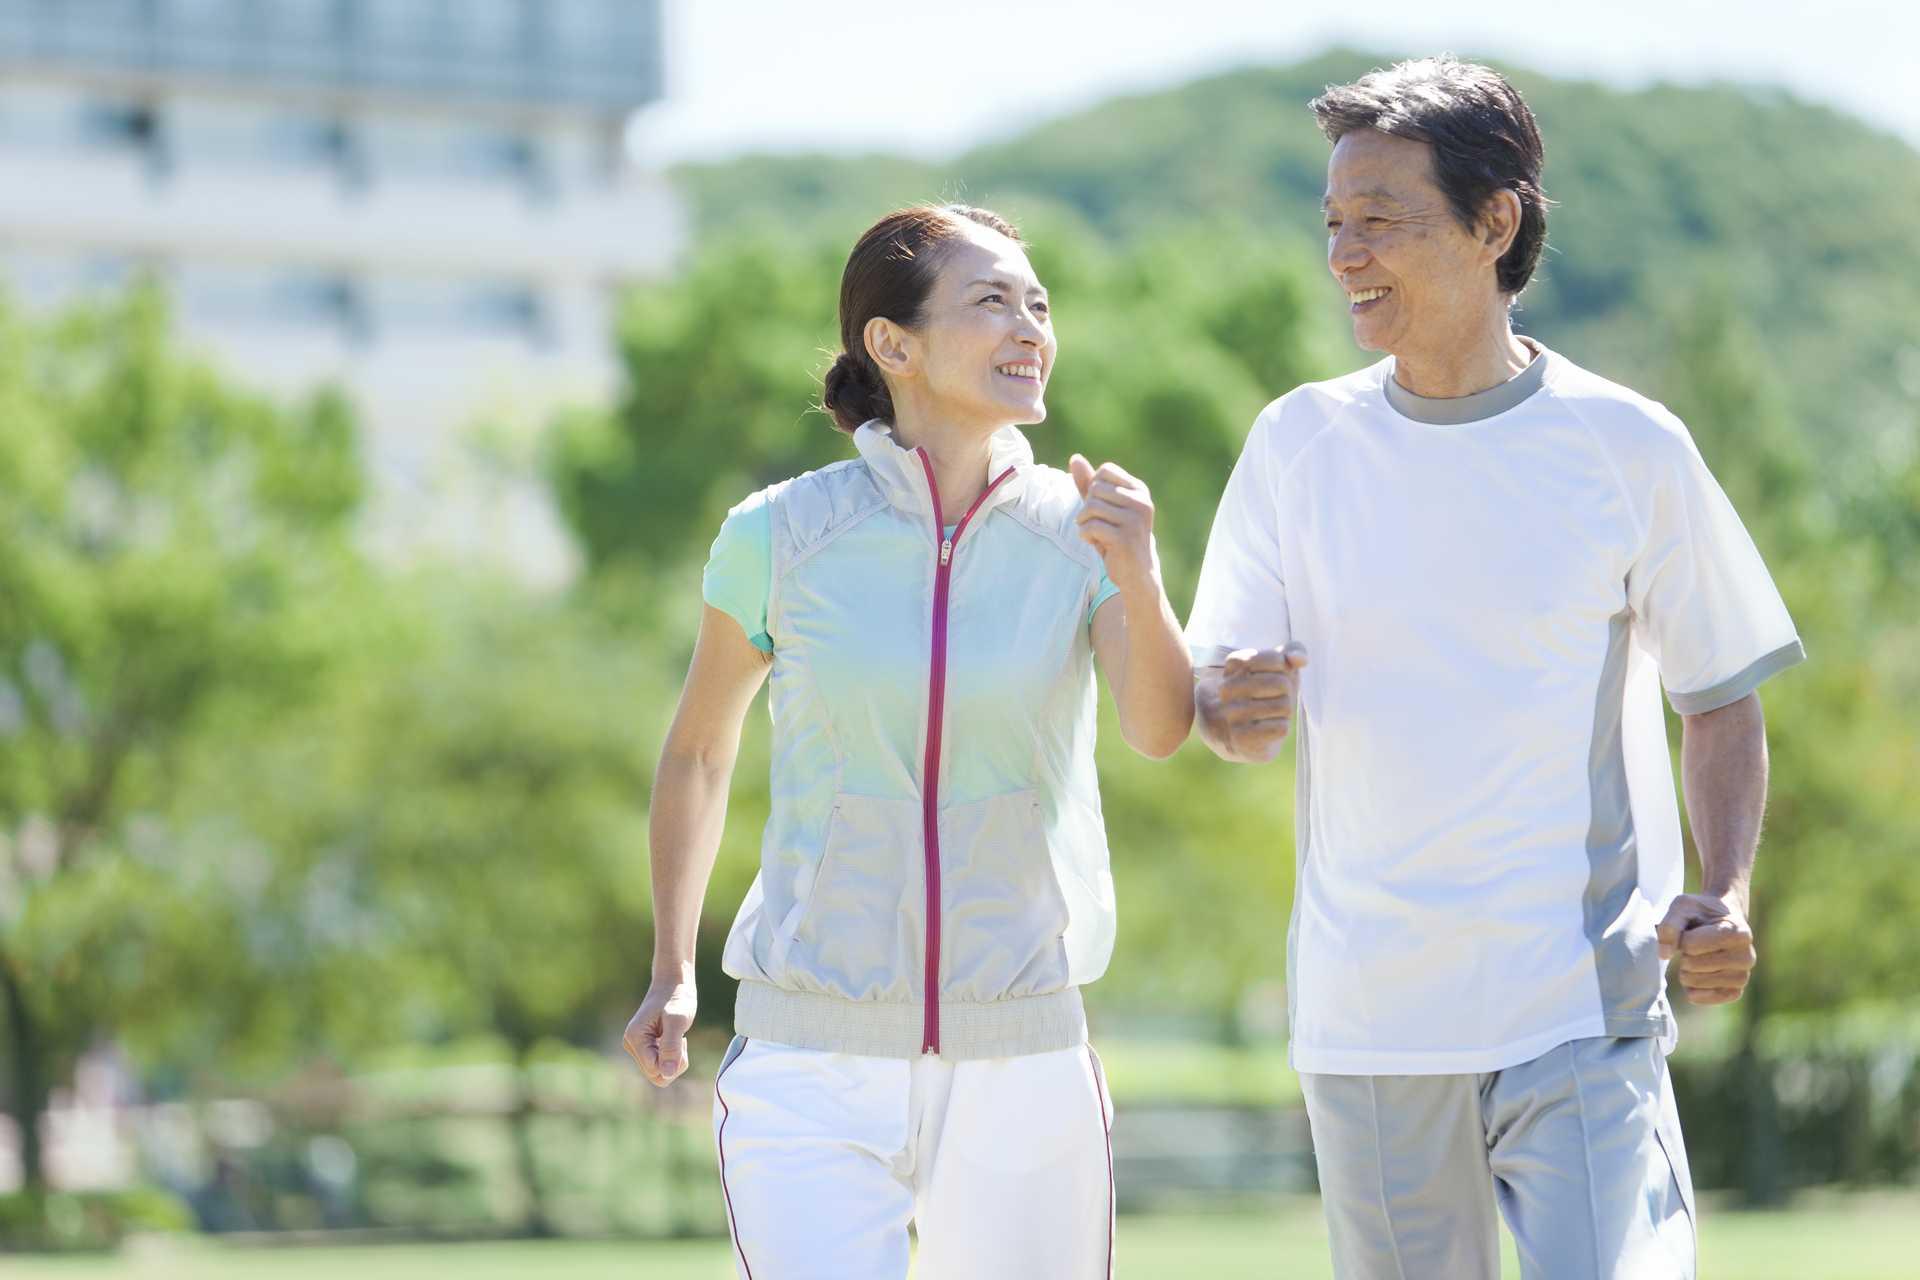 年を取るにつれて、運動量は増やさなければいけない。 | 健康のためになる30の散歩術